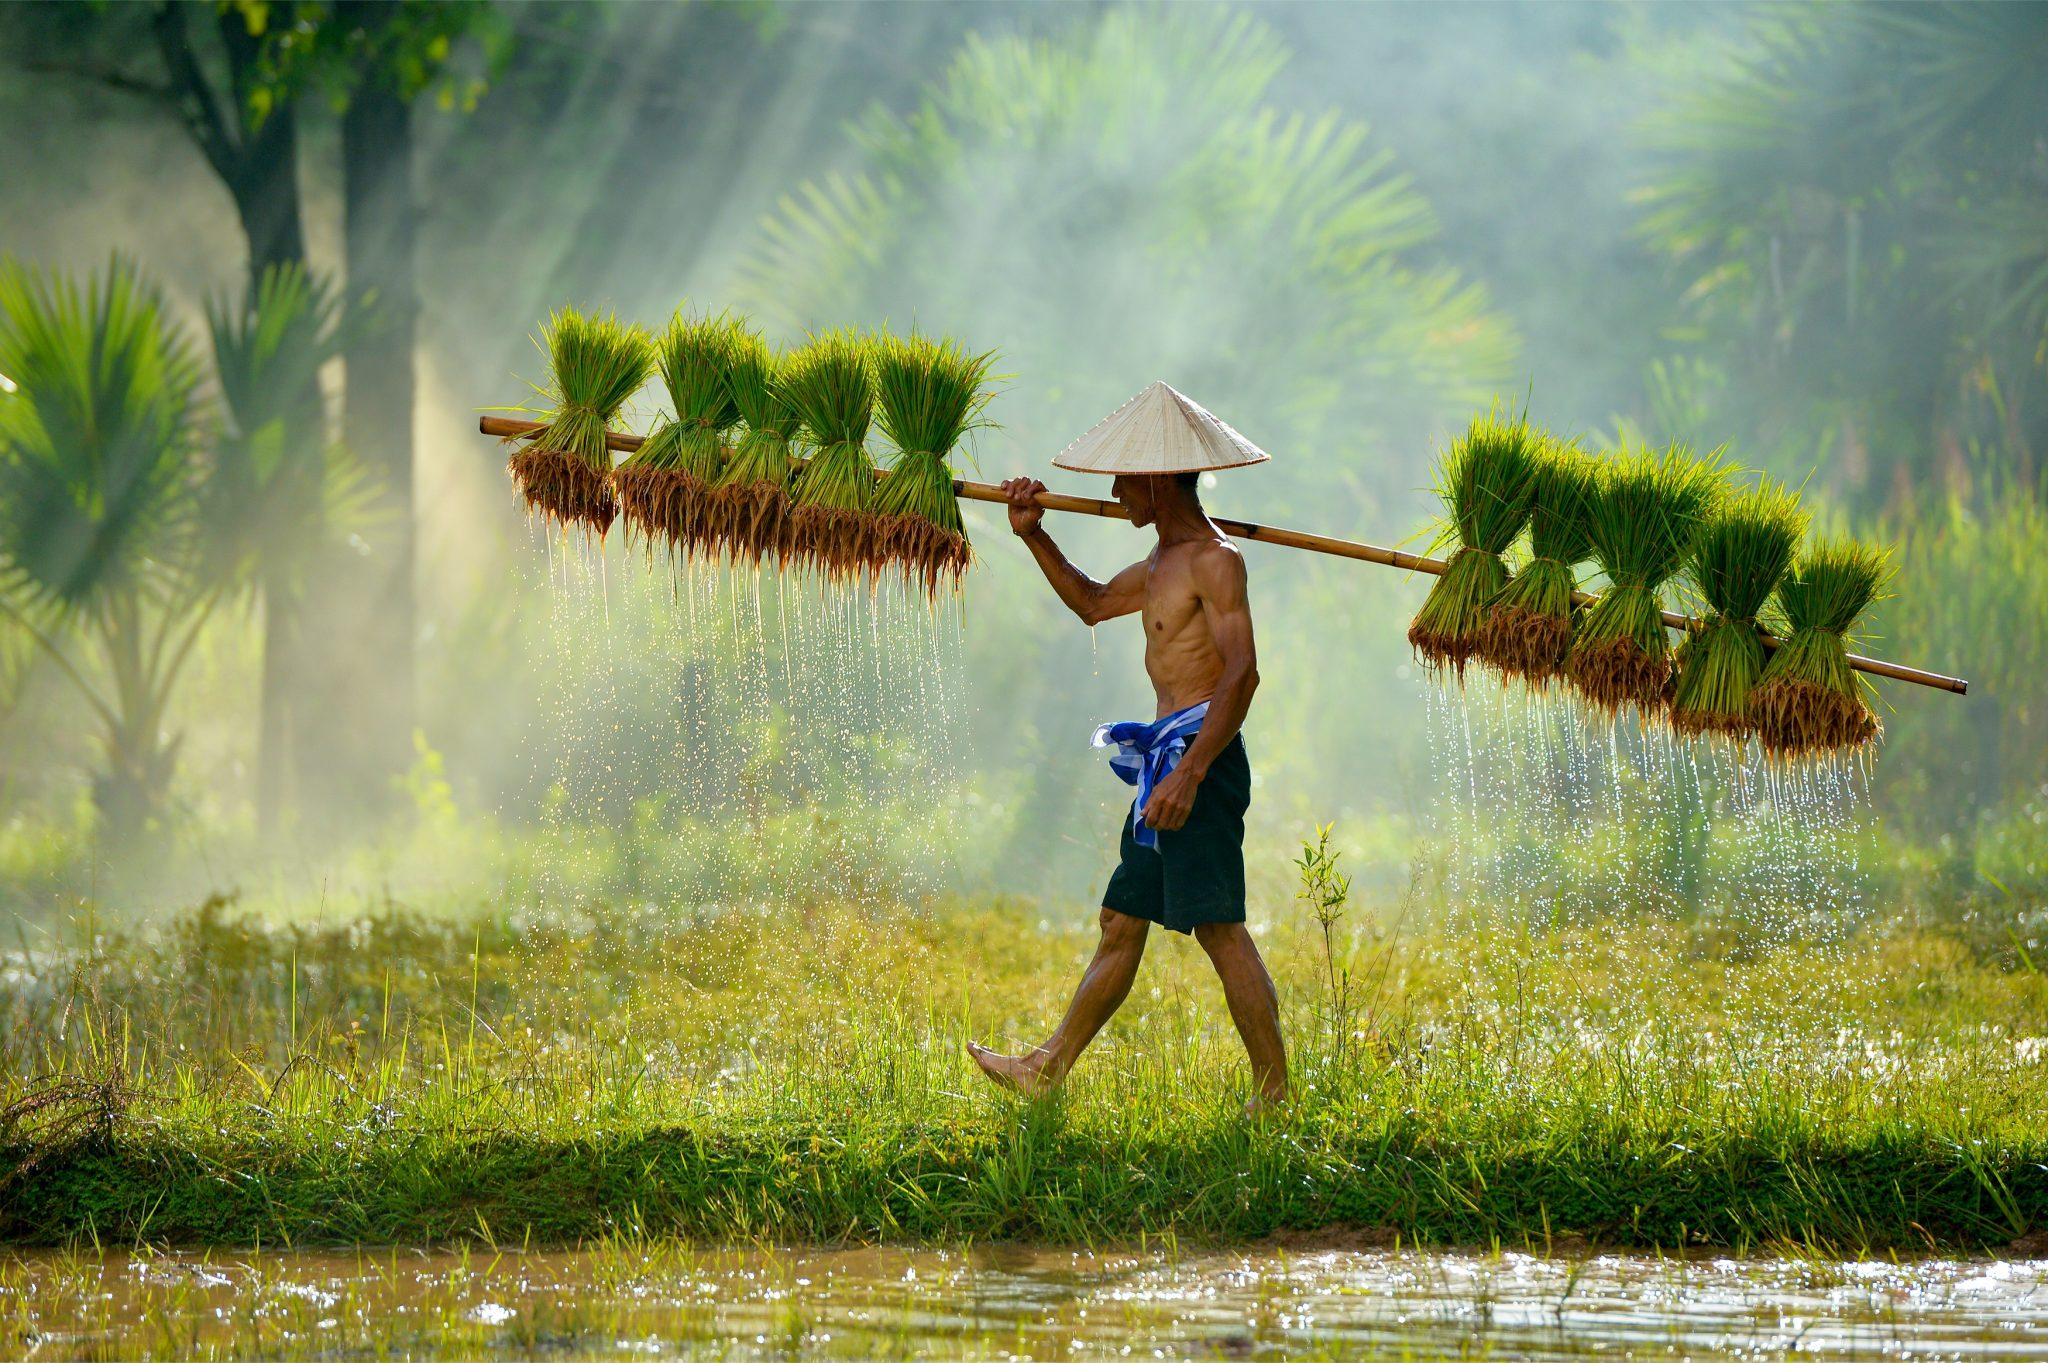 タイ米を植える準備をしているタイの農夫